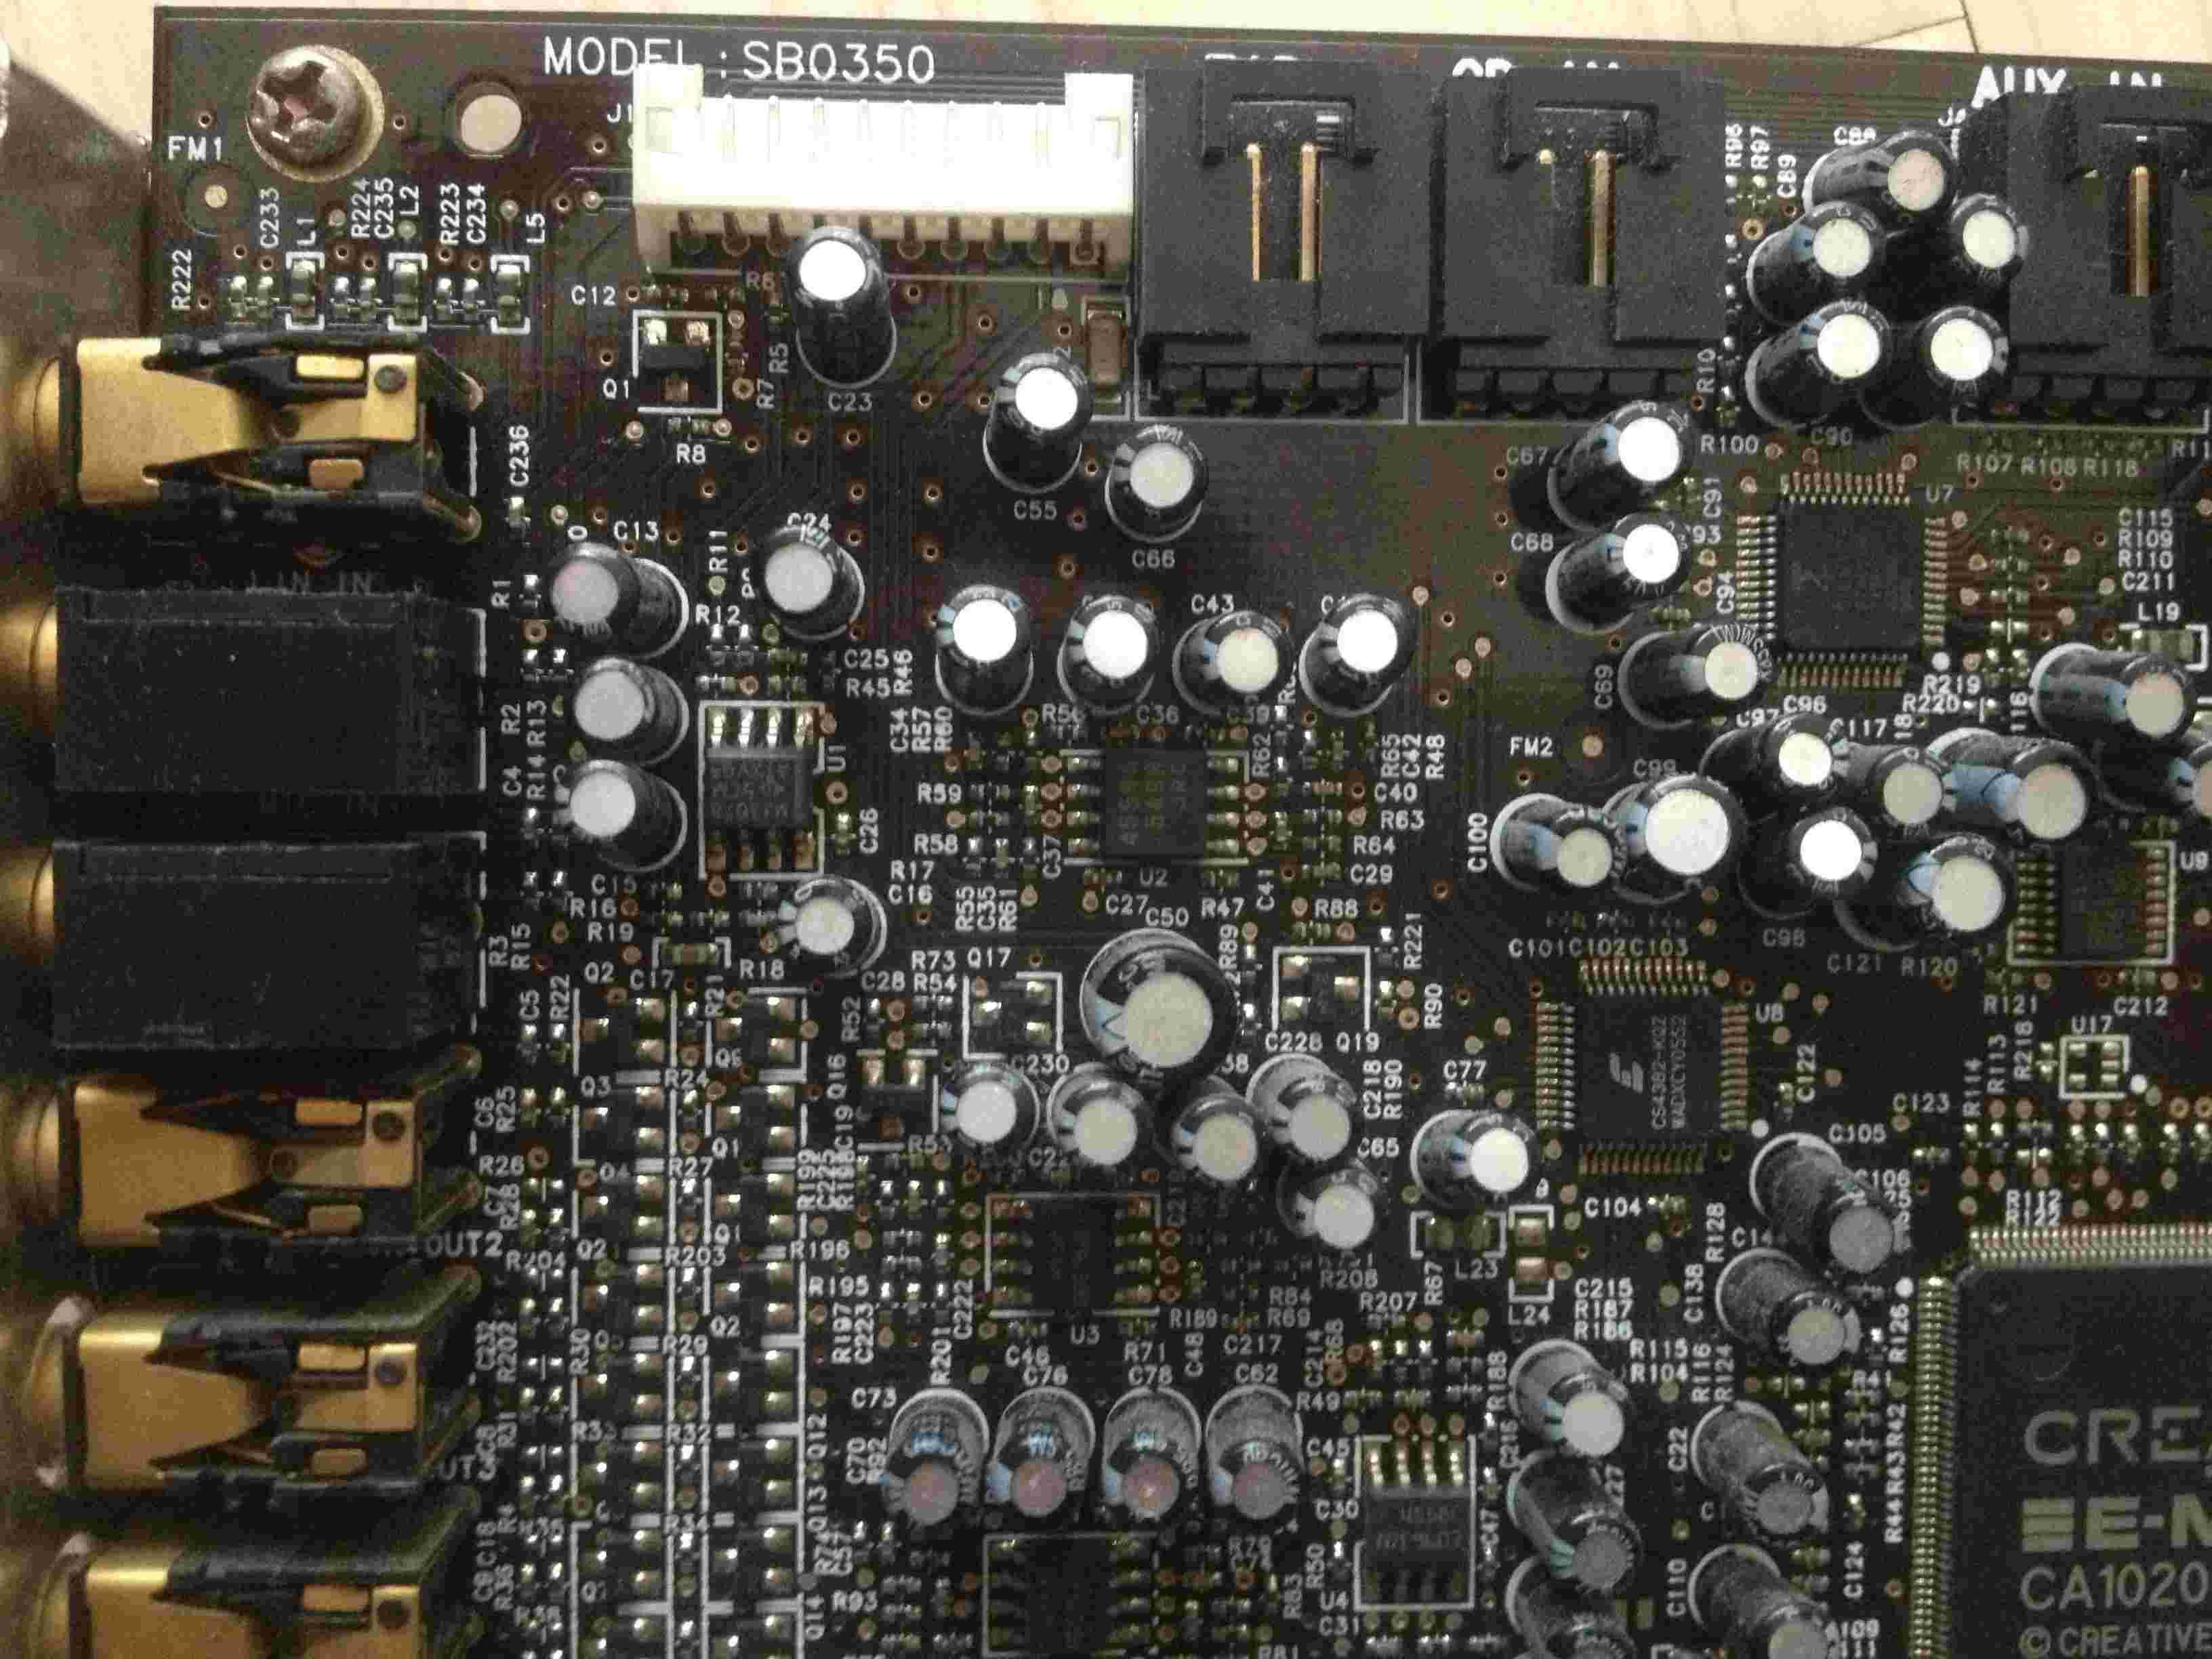 一些杂物有内存、主板、声卡、联想风行机箱 内存2G D2 800的 90元一条 两条宇瞻的 一条威刚的 一条金邦的 都是好用的 (已售) 声卡创新0350 收与论坛 带原装驱动盘 具体芯片自己看 我平时就用原装驱动 64位系统可以漂游 可以KX 150元 联想锋行机箱 这个建议运费自理 太重了 带原装的航嘉电源 支持呼吸灯 机箱电源一共150元 还有一个支持AM3的华硕M4N68T全固态主板 没有挡板 只有自己剪的 价格110元 还有华硕原厂IDE数据线大概能有30条吧 每条5元 运费自理 最好10条起或